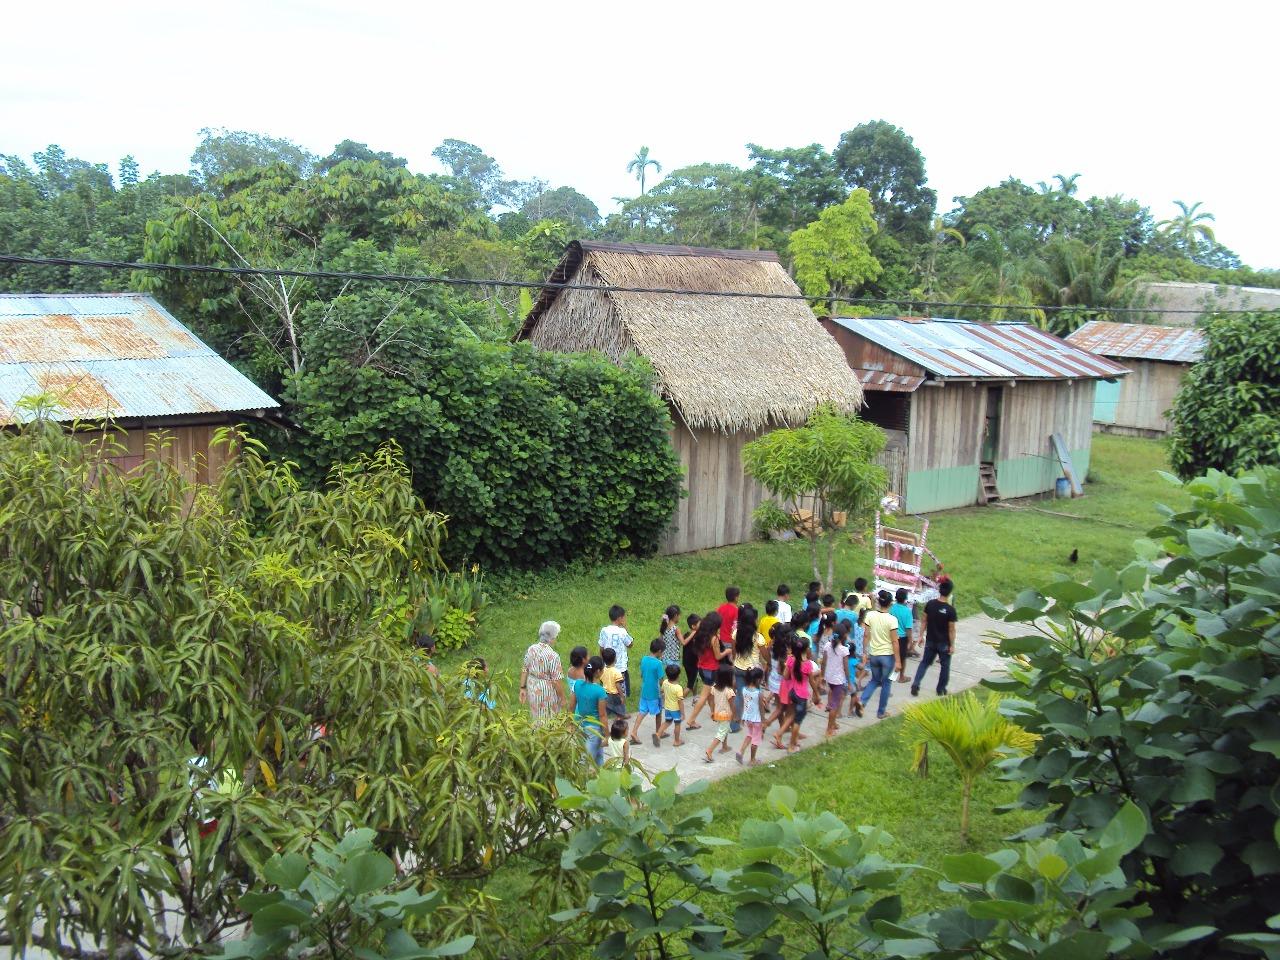 Tại sao một Thượng Hội đồng về vùng Amazon được tổ chức?